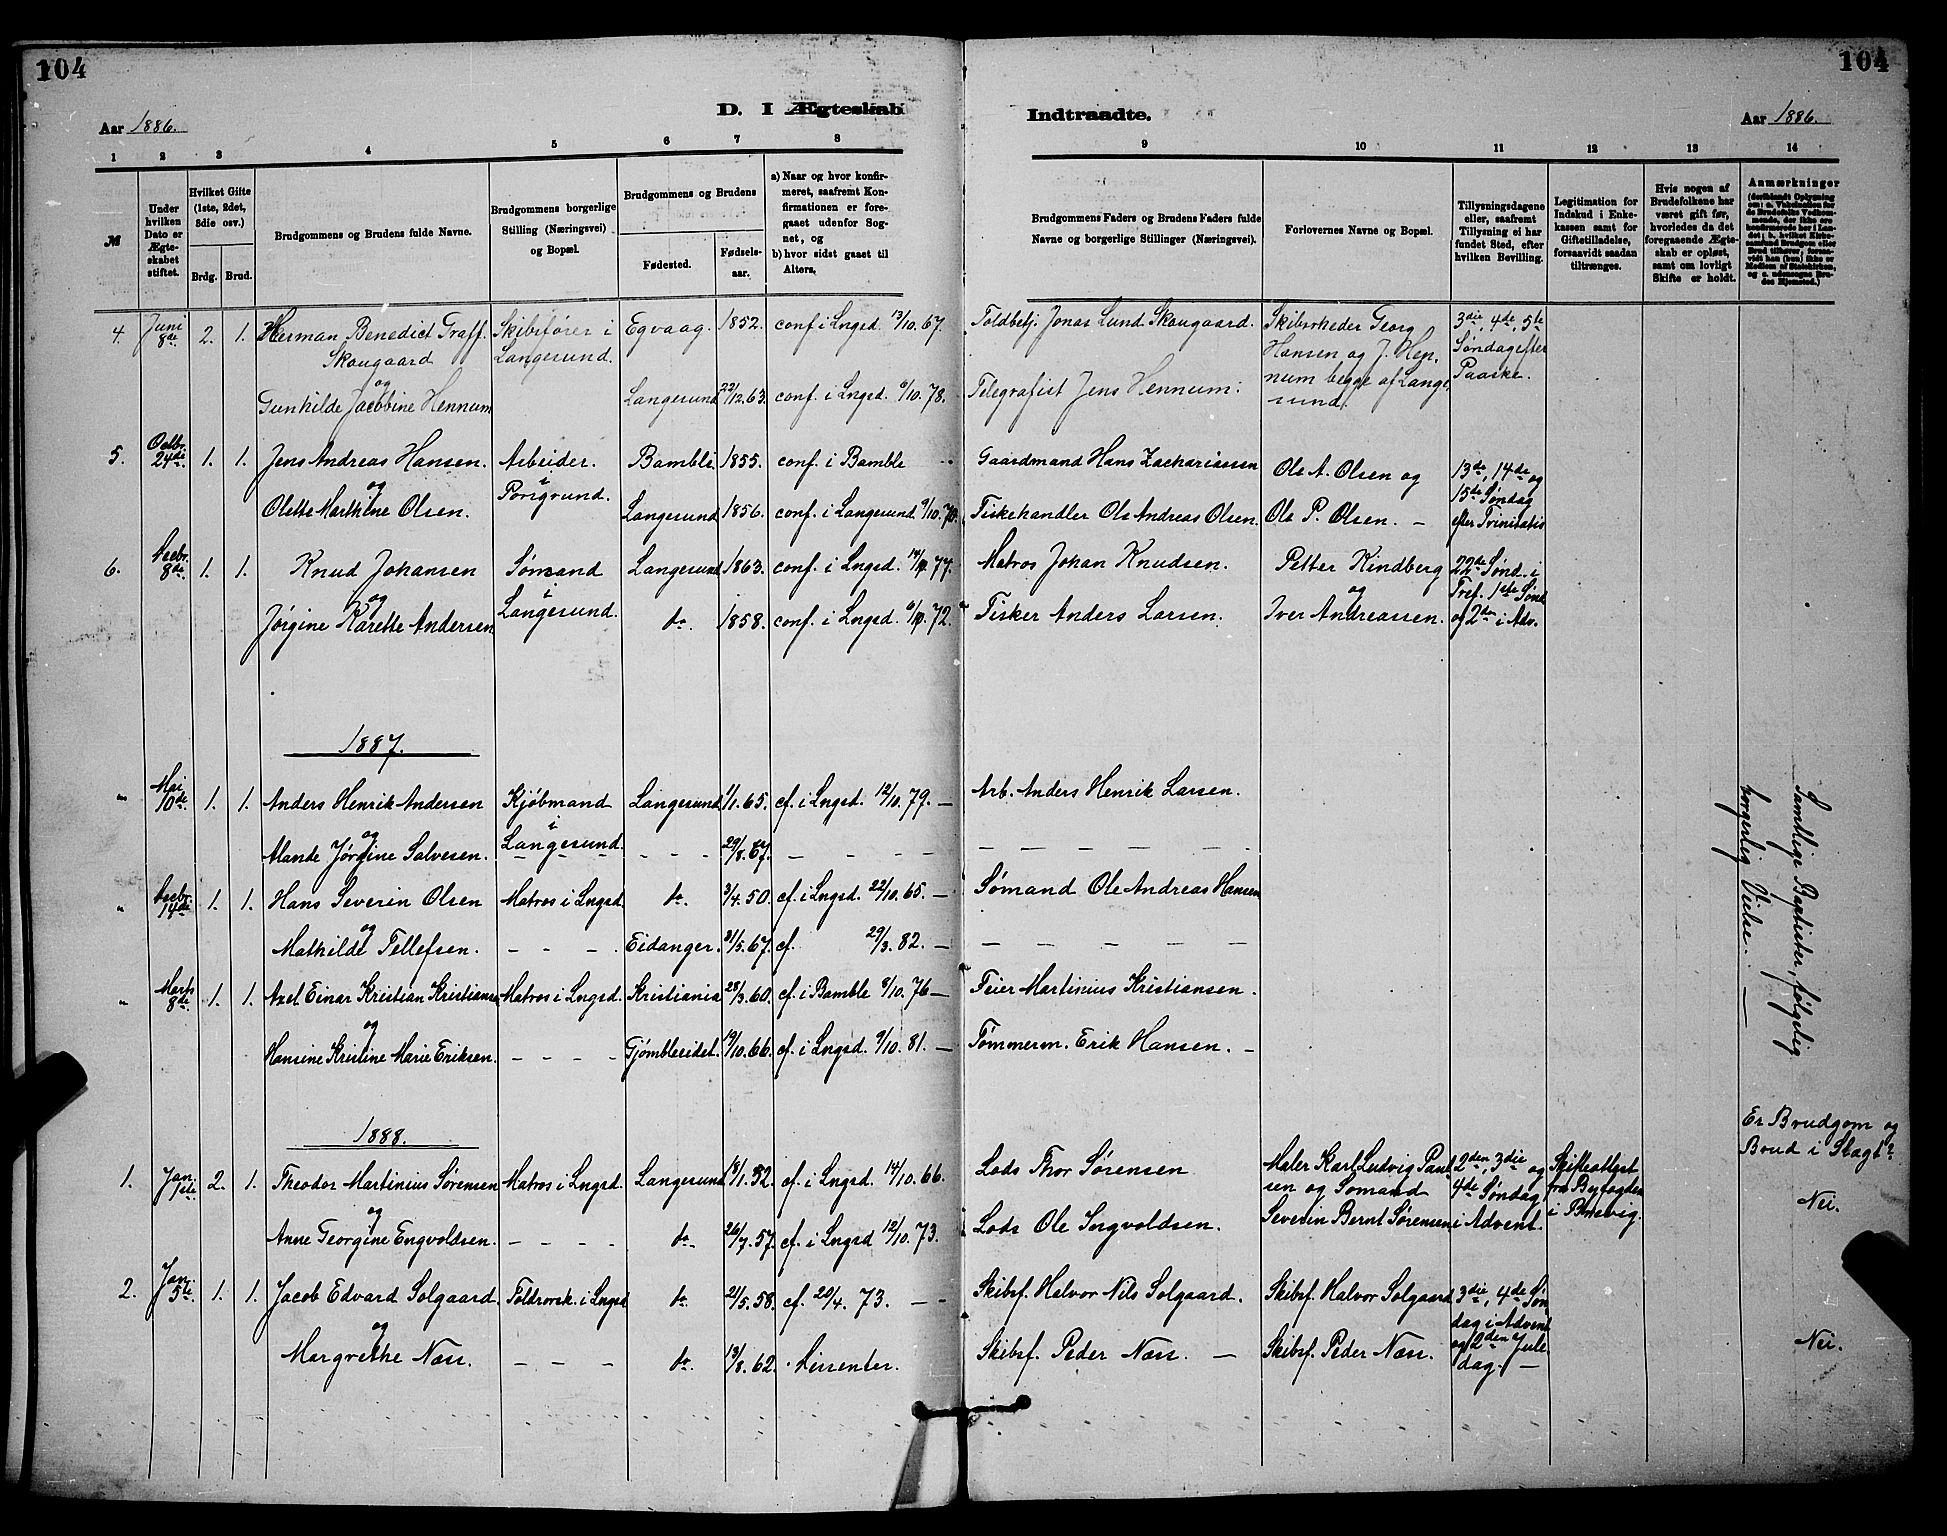 SAKO, Langesund kirkebøker, G/Ga/L0005: Klokkerbok nr. 5, 1884-1898, s. 104